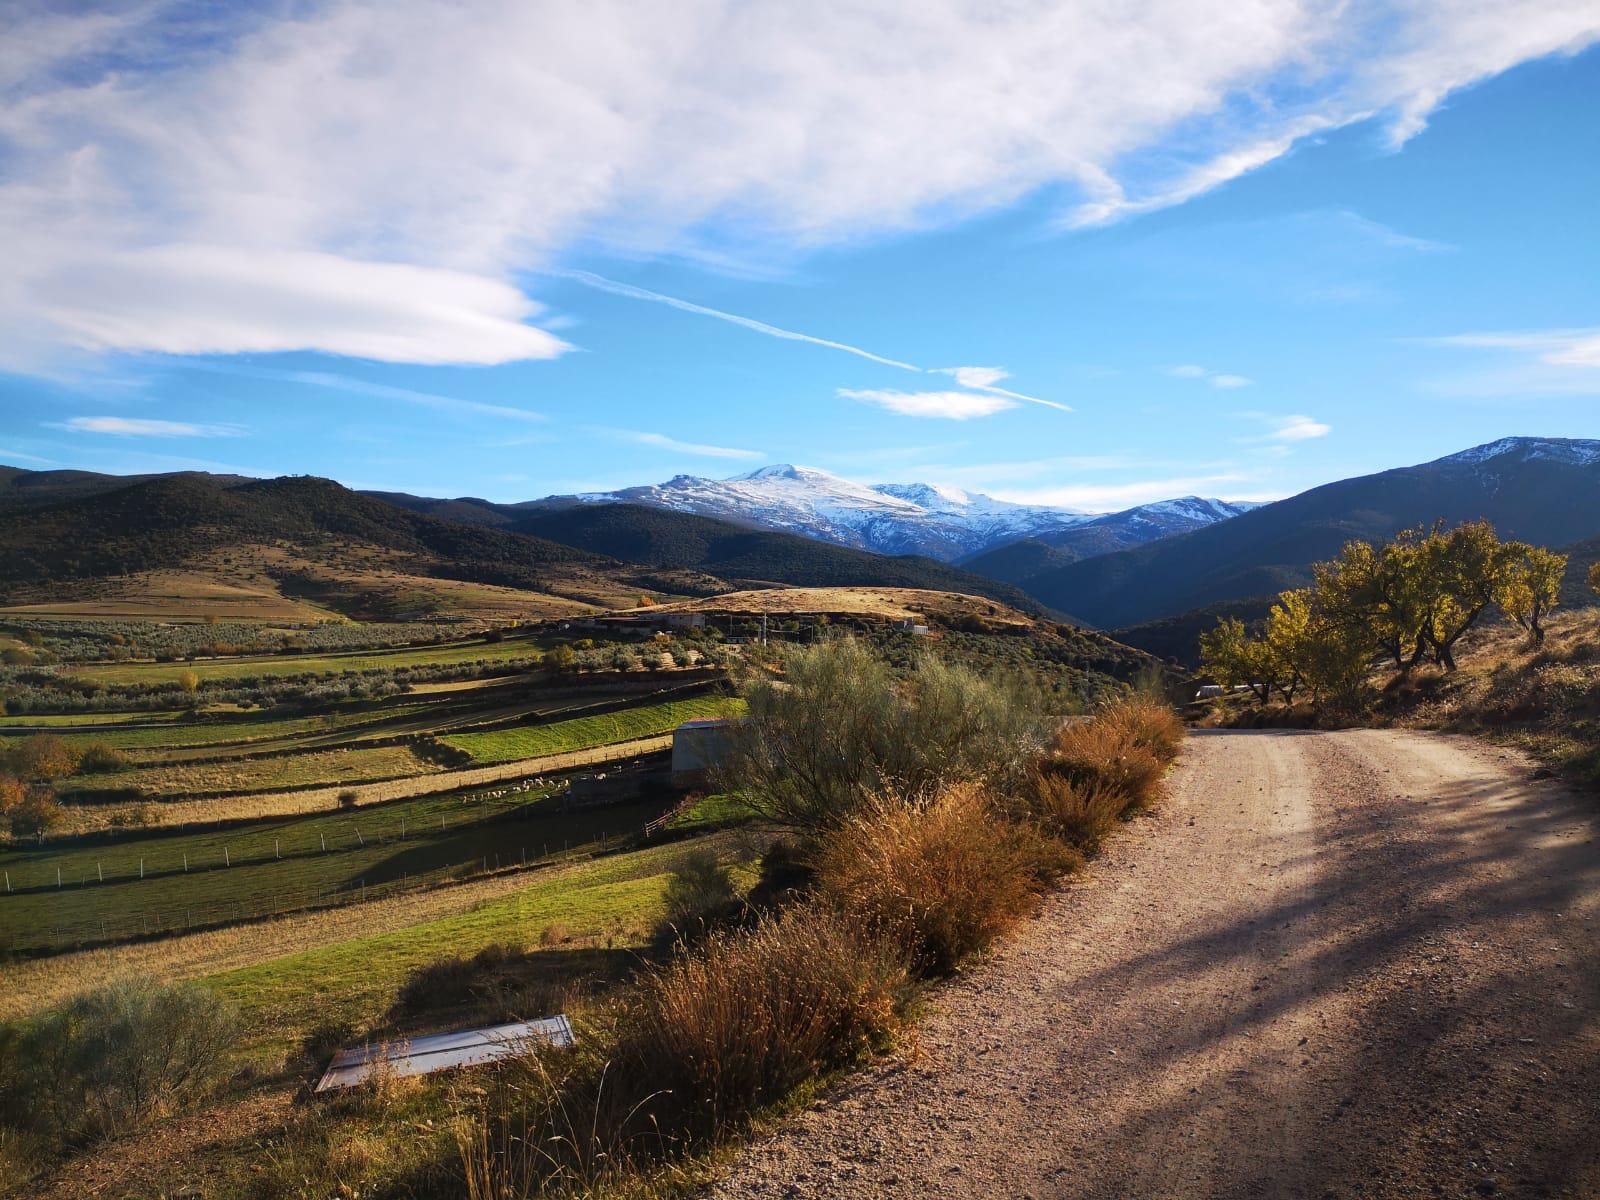 Las comarcas del norte y Santa Adela, entre las zonas que recibirán fondos europeos de cohesión social